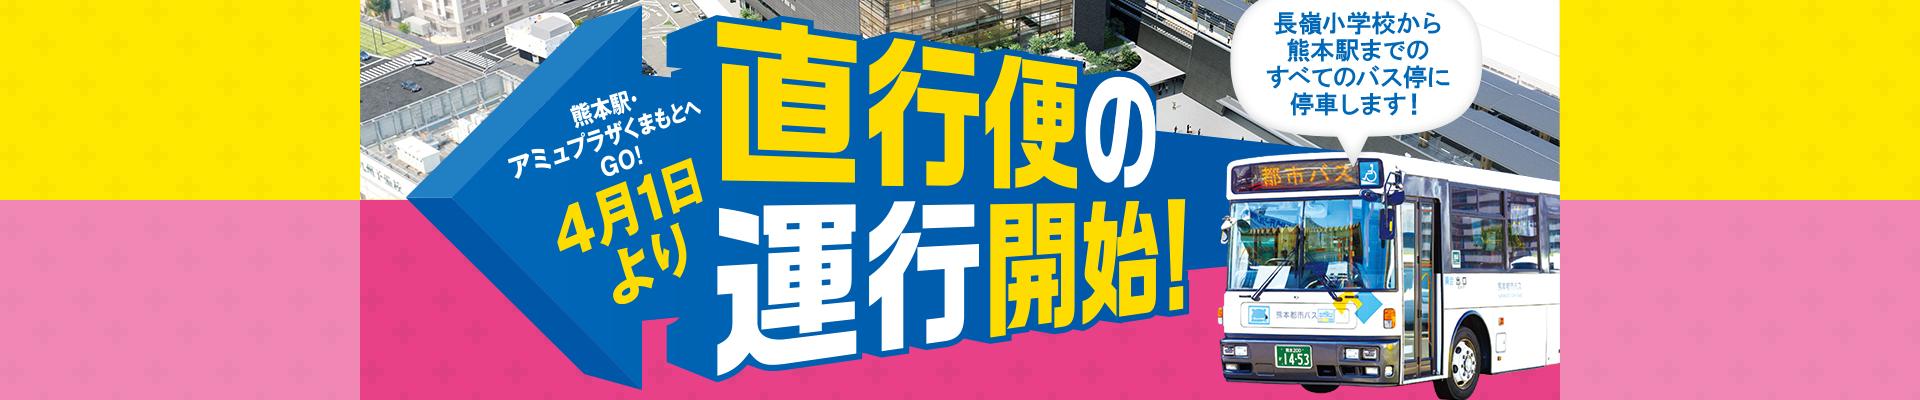 熊本駅・アミュプラザくまもとへGO!直行便運行開始のご案内イメージ